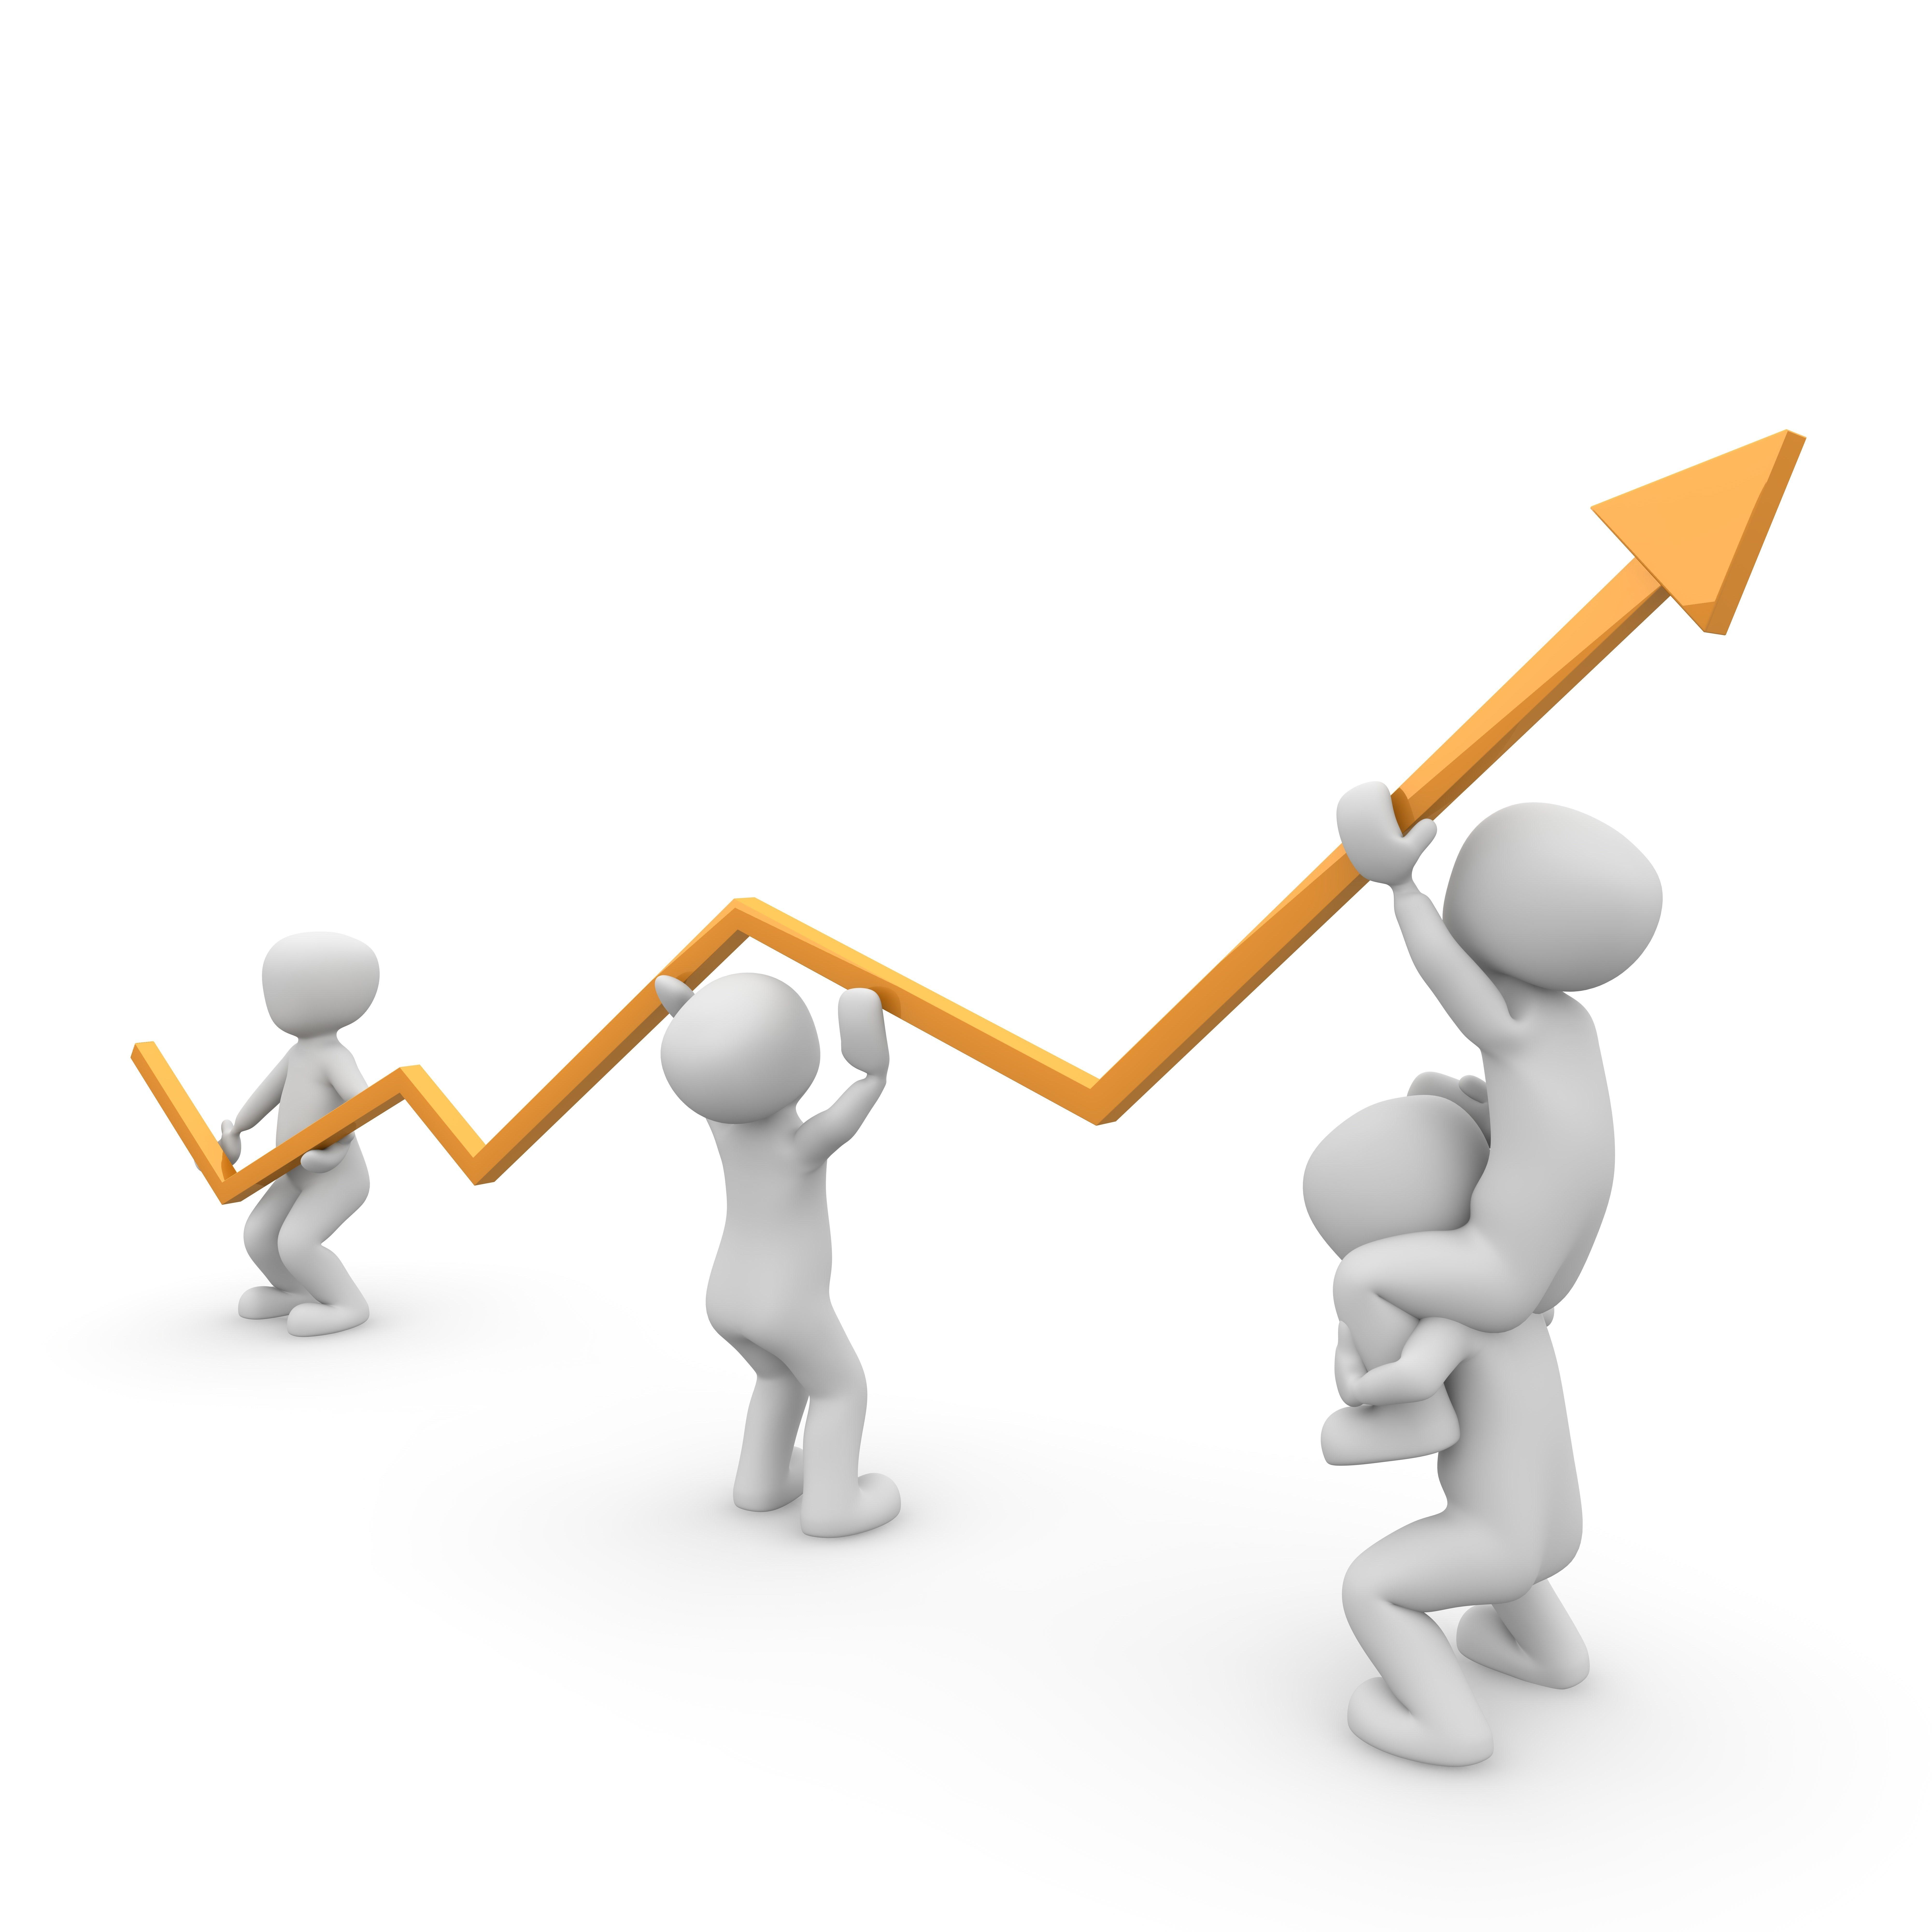 course 1015601 - Entreprise & Solutions Bretagne